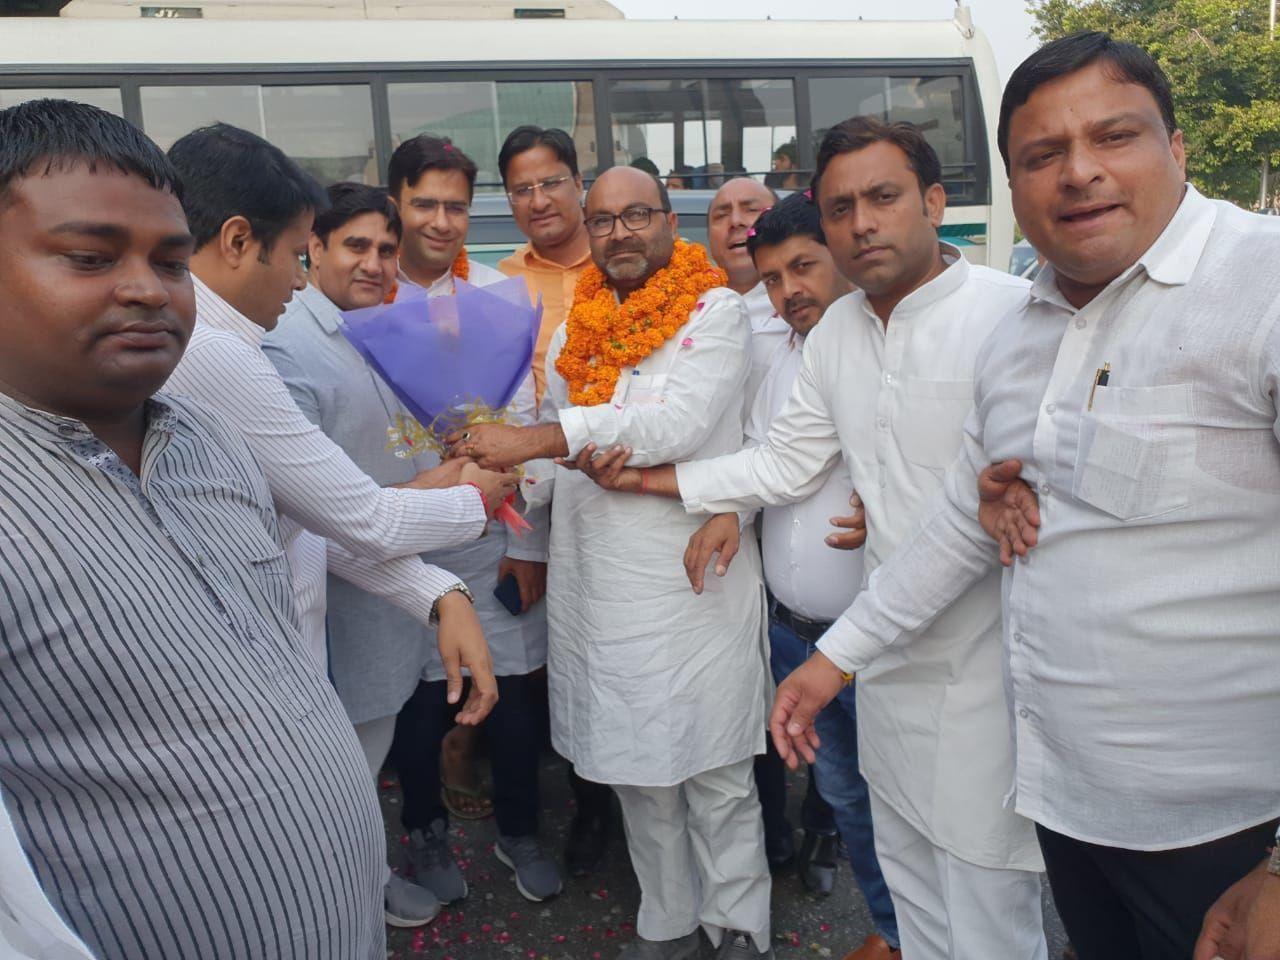 कांगेस के प्रदेश अध्यक्ष अजय कुमार लल्लू का नोएडा में हुआ जोरदार स्वागत